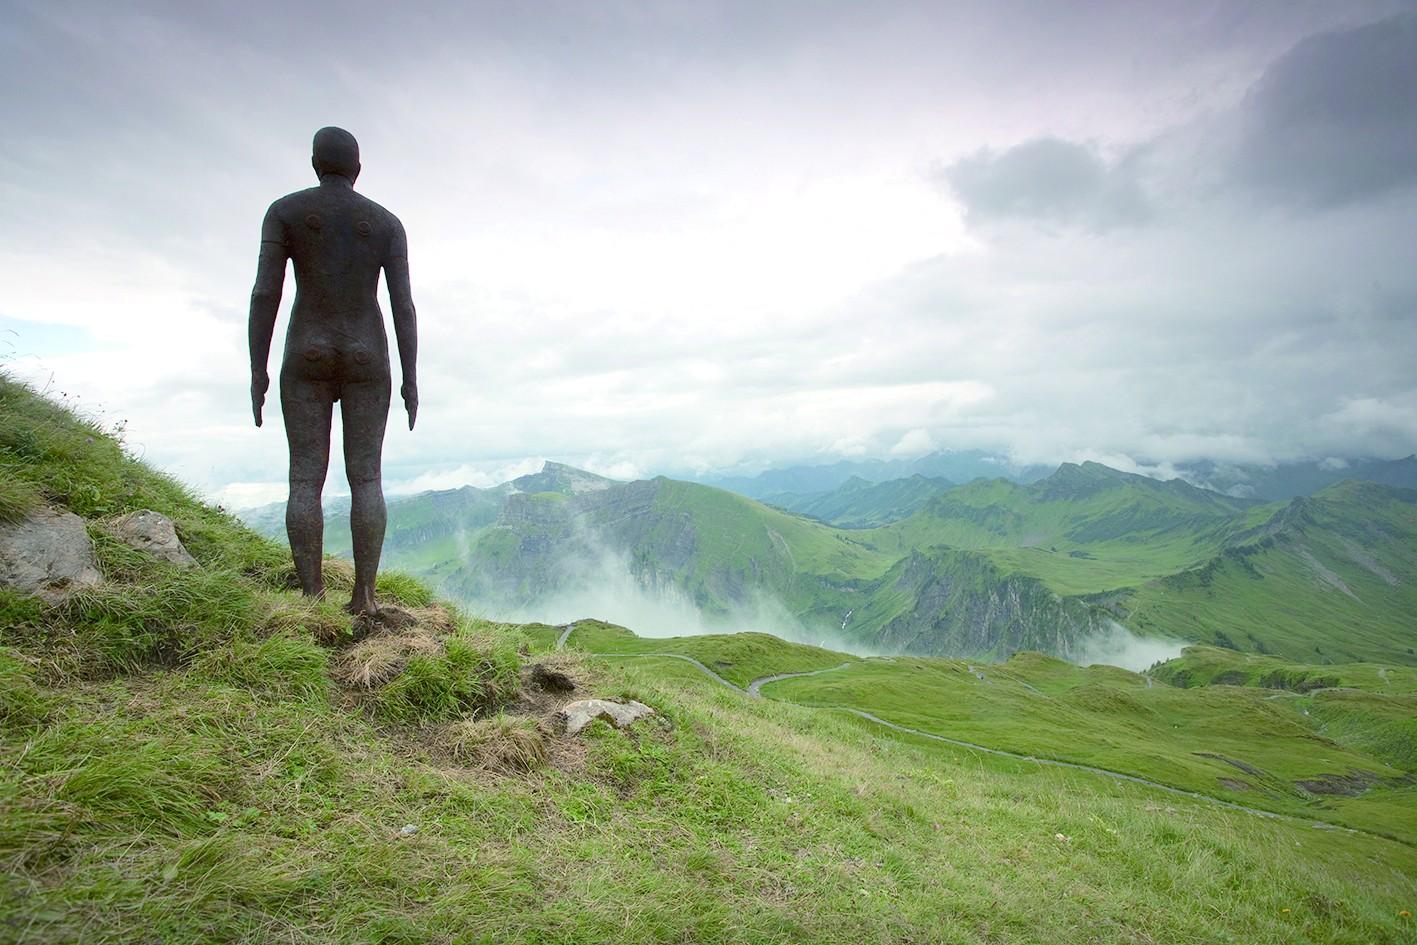 裸体文化 奥地利人当仁不让